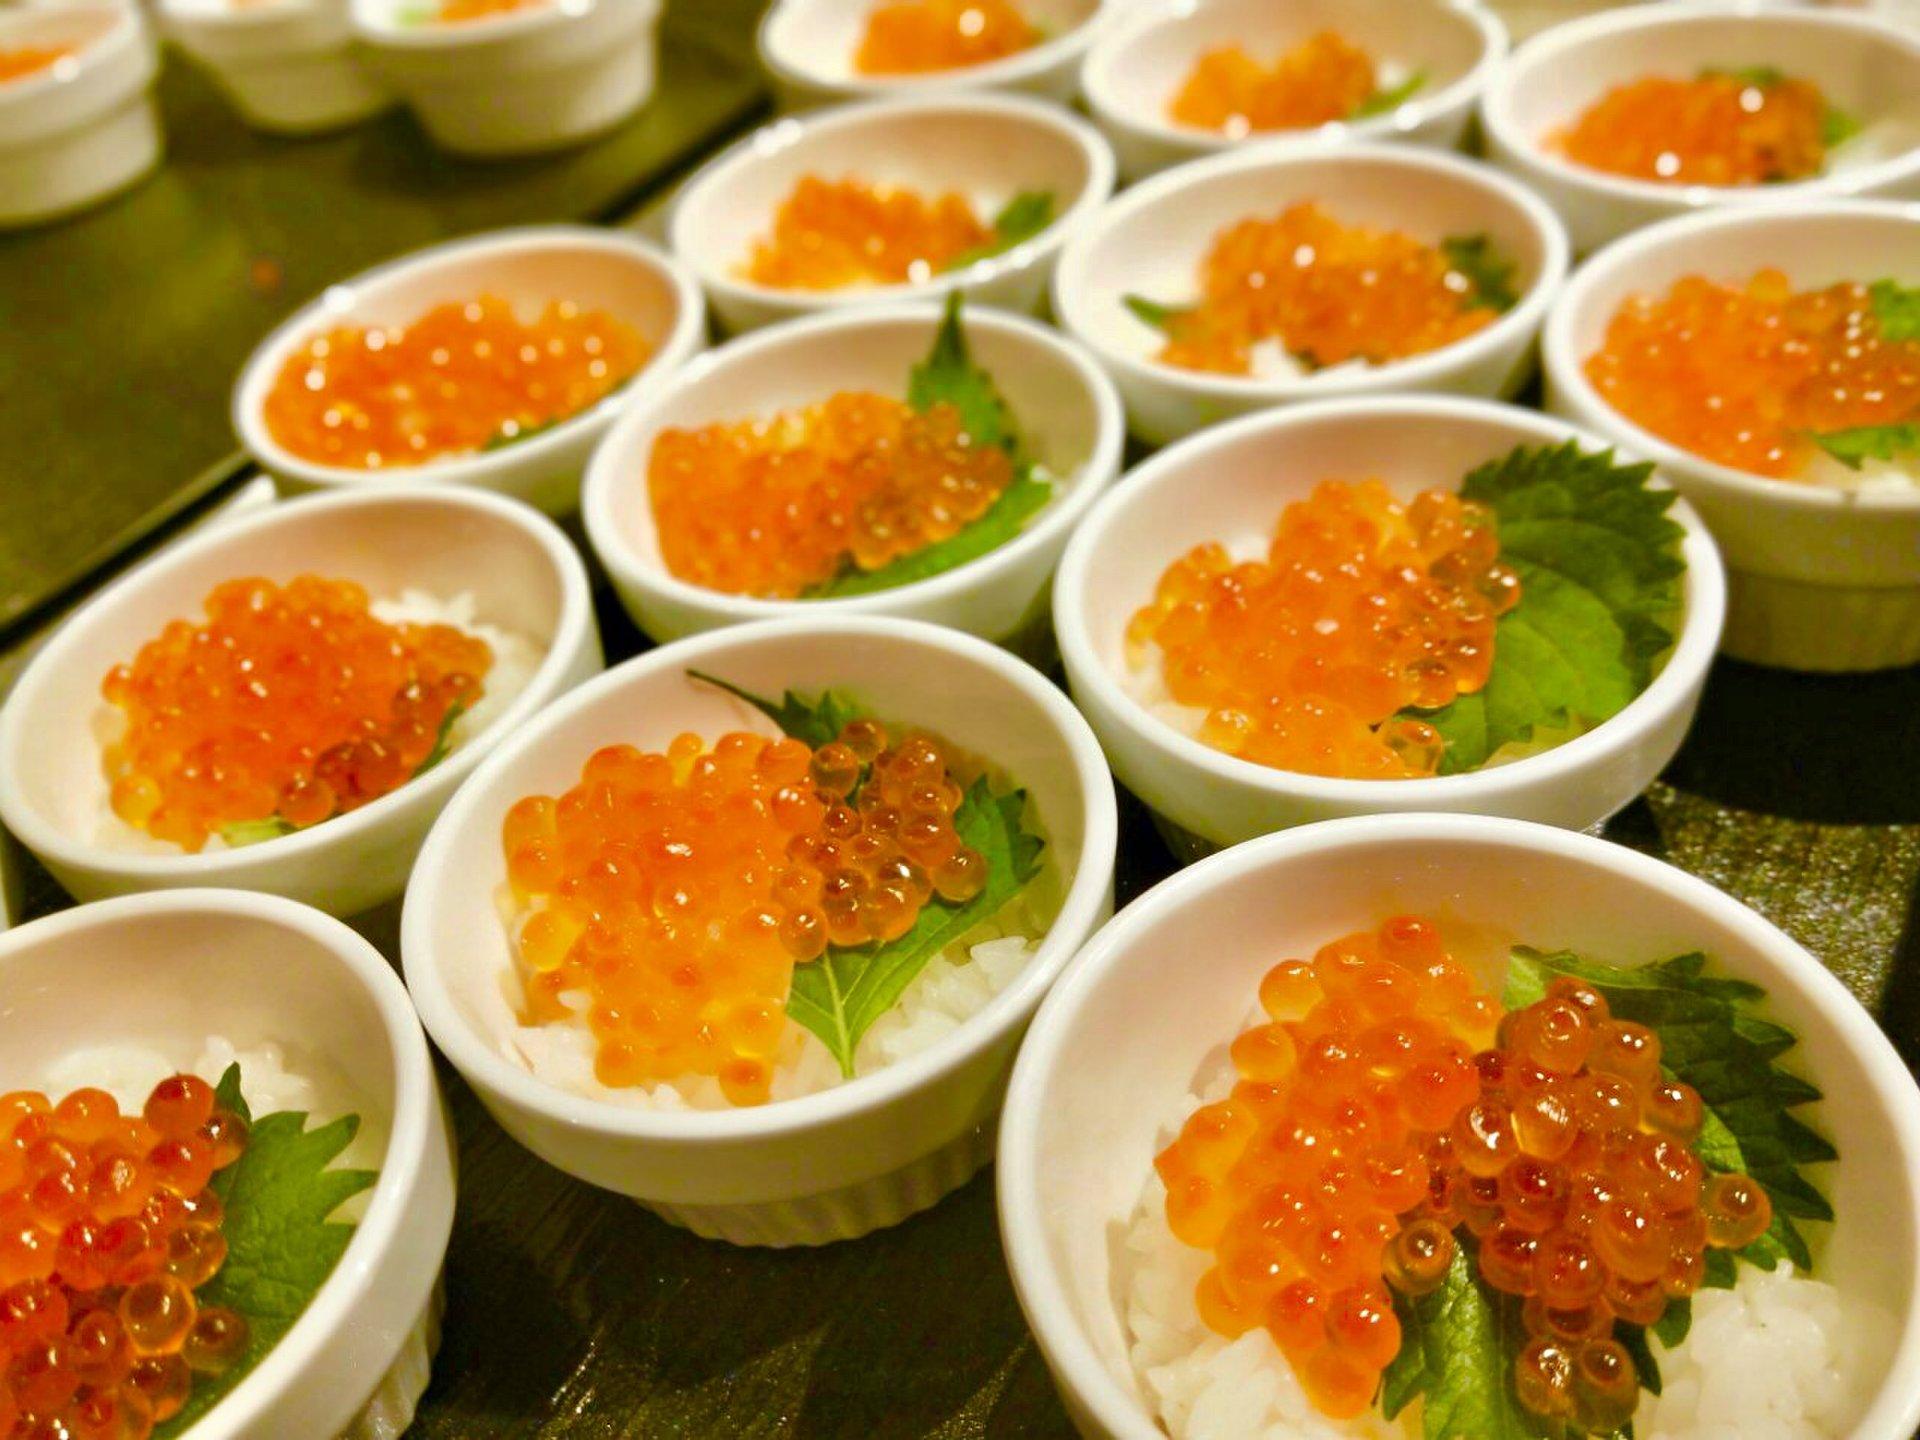 北海道のカニもイクラも食べ放題の最強ブュッフェ!東京のおいしいおすすディナー「リラッサ」